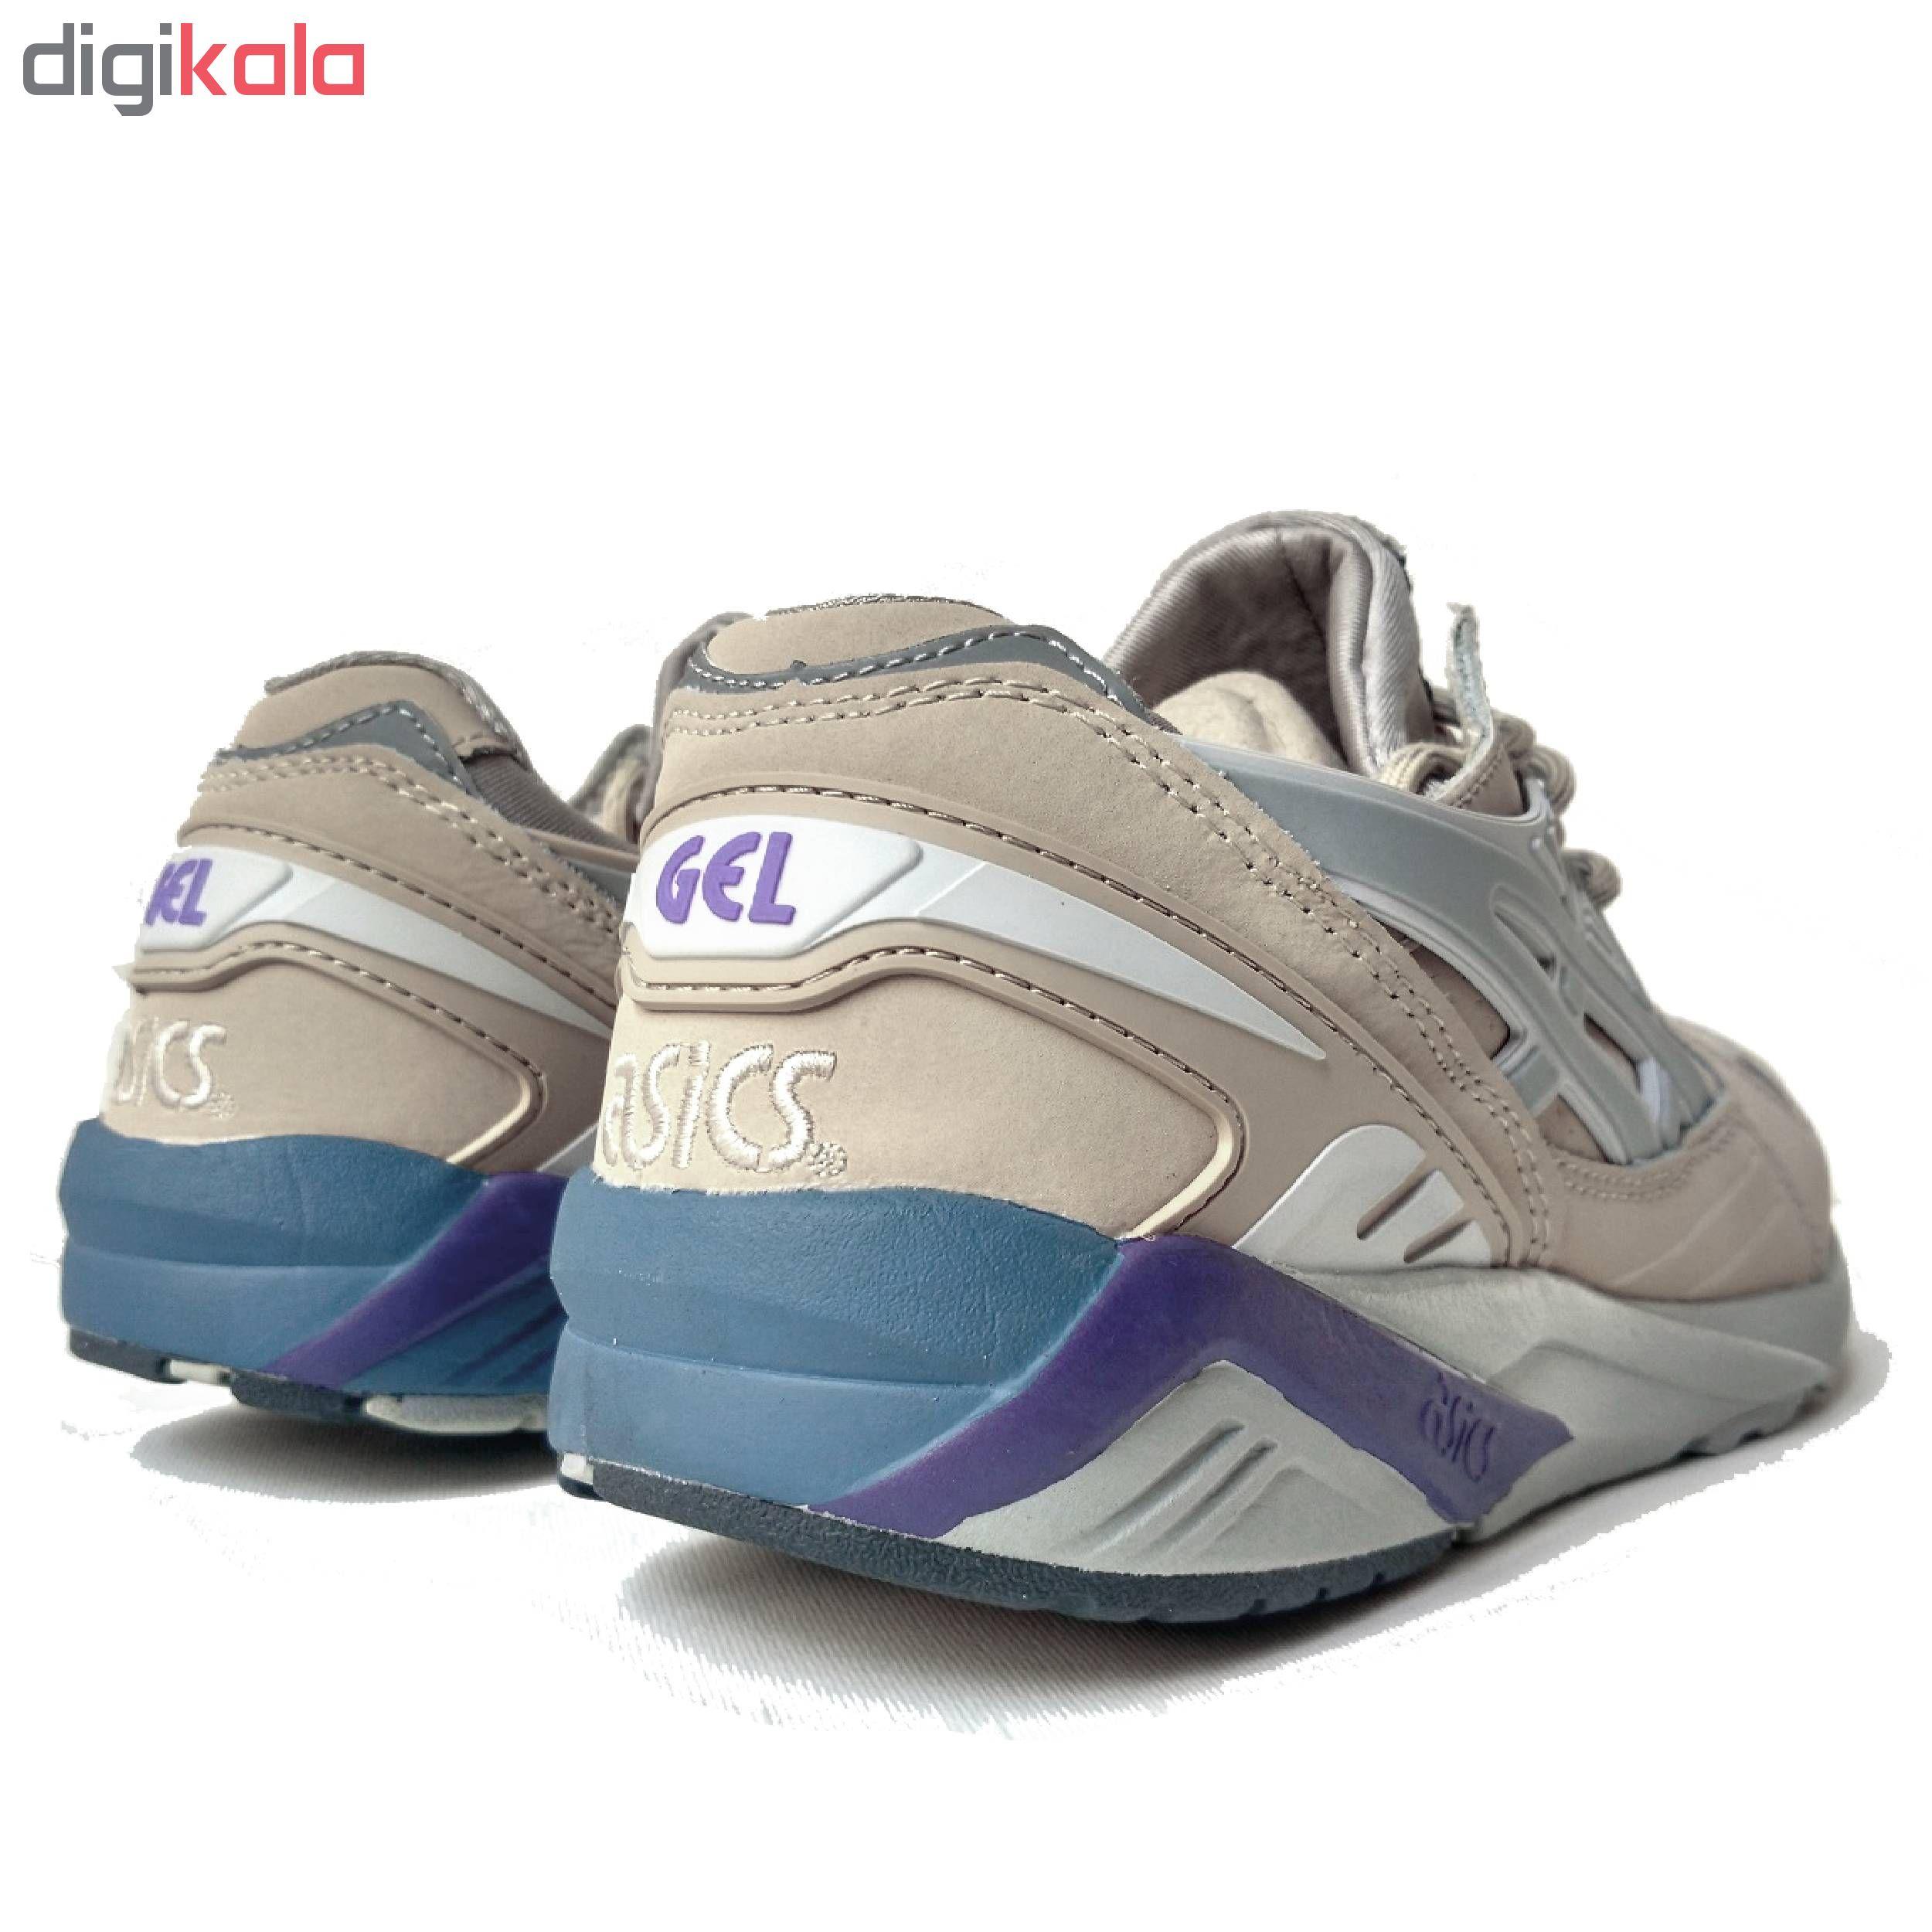 کفش پیاده روی و دویدن مردانه اسیکس مدل Gel kayano